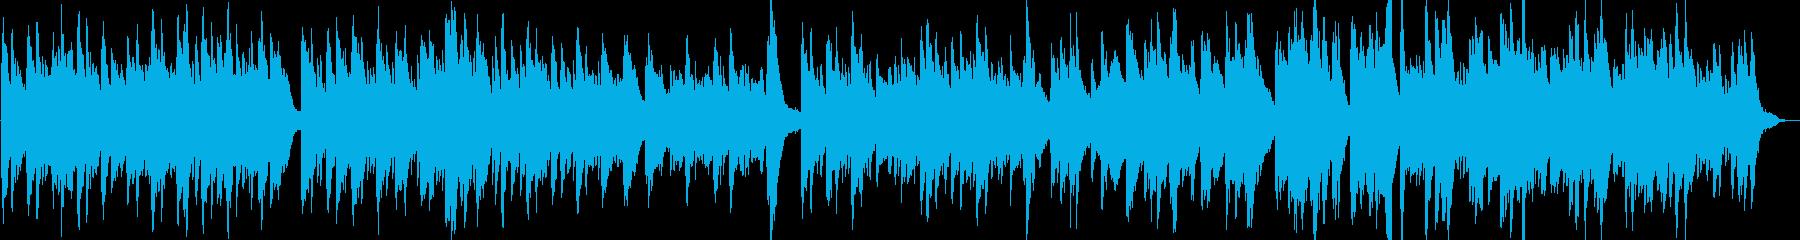 幻想的で綺麗なピアノBGM9の再生済みの波形